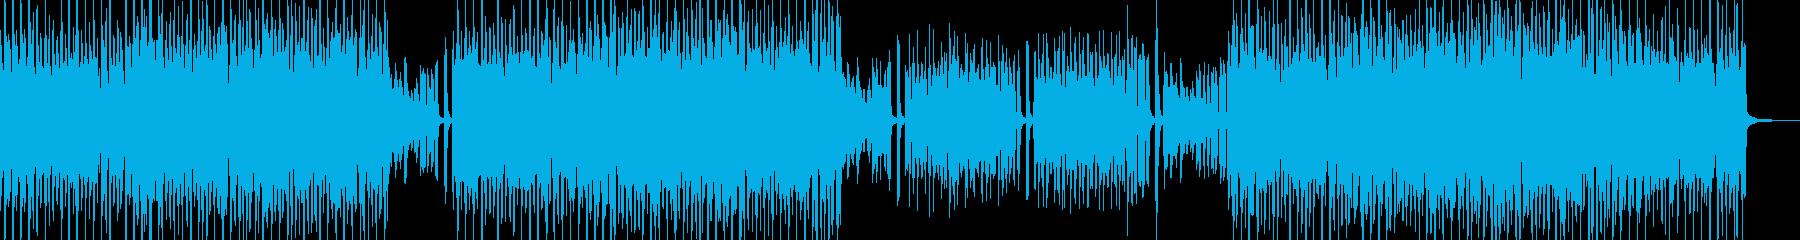 ゆるくまったり映像に・スィングポップ Gの再生済みの波形